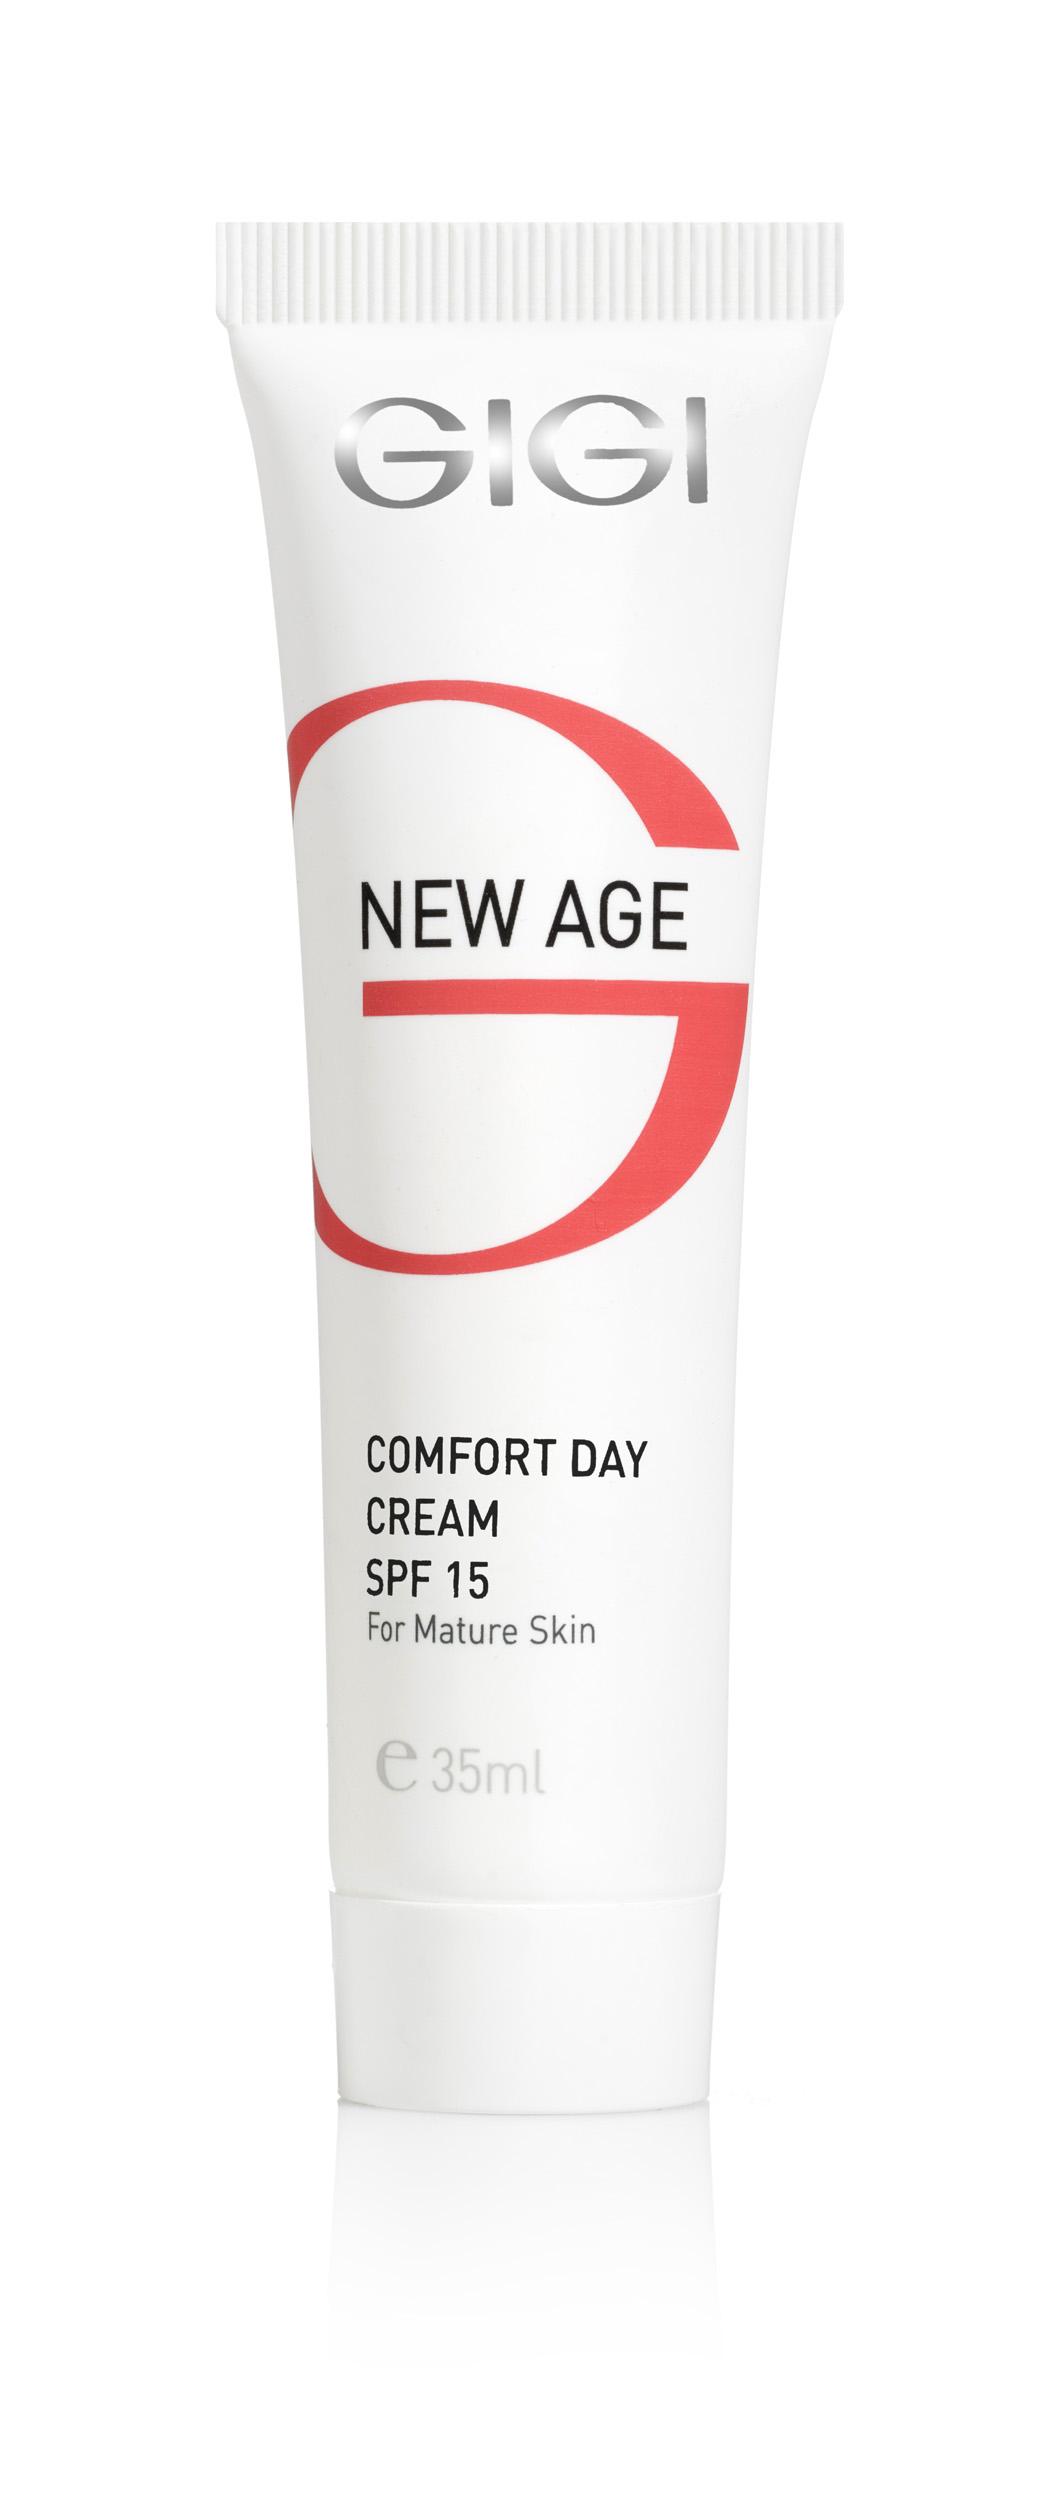 GIGI Крем-комфорт дневной SPF15 (миниатюра) / Comfort Day Cream NEW AGE 35млКремы<br>Представляет собой идеальное средство от морщин даже для самой чувствительной кожи, вызывает чувство комфорта и придает коже здоровый вид. Содержит концентрированные увлажняющие вещества и солнцезащитные фильтры. Действие: Обеспечивает коже нормальную влажность на 24 часа, и одновременно защищает от атмосферных явлений, вредного воздействия различных излучающих источников и фотостарения кожи. Результаты воздействия крема на кожу совершенно очевидны и стабильны. Эффект молодой кожи: крем стимулирует жизнедеятельность живых слоев эпидермиса, замедляющихся с возрастом, крем увлажняет и подтягивает кожу, придает чертам лица четкость, омолаживает его, разглаживает морщины, осветляет пятна. Активные ингредиенты: Экстракт зародышей сои, сквален, лецитин, молочная кислота, мочевина, аллантоин, полисахариды, аланин, гидролизированный соевый протеин масло Ши, витамин Е. Способ применения: Наносить каждое утро на тщательно очищенное лицо, массировать кожу кончиками пальцев до полного впитывания. Идеальная основа под макияж.<br><br>Объем: 35<br>Назначение: Морщины<br>Время применения: Дневной